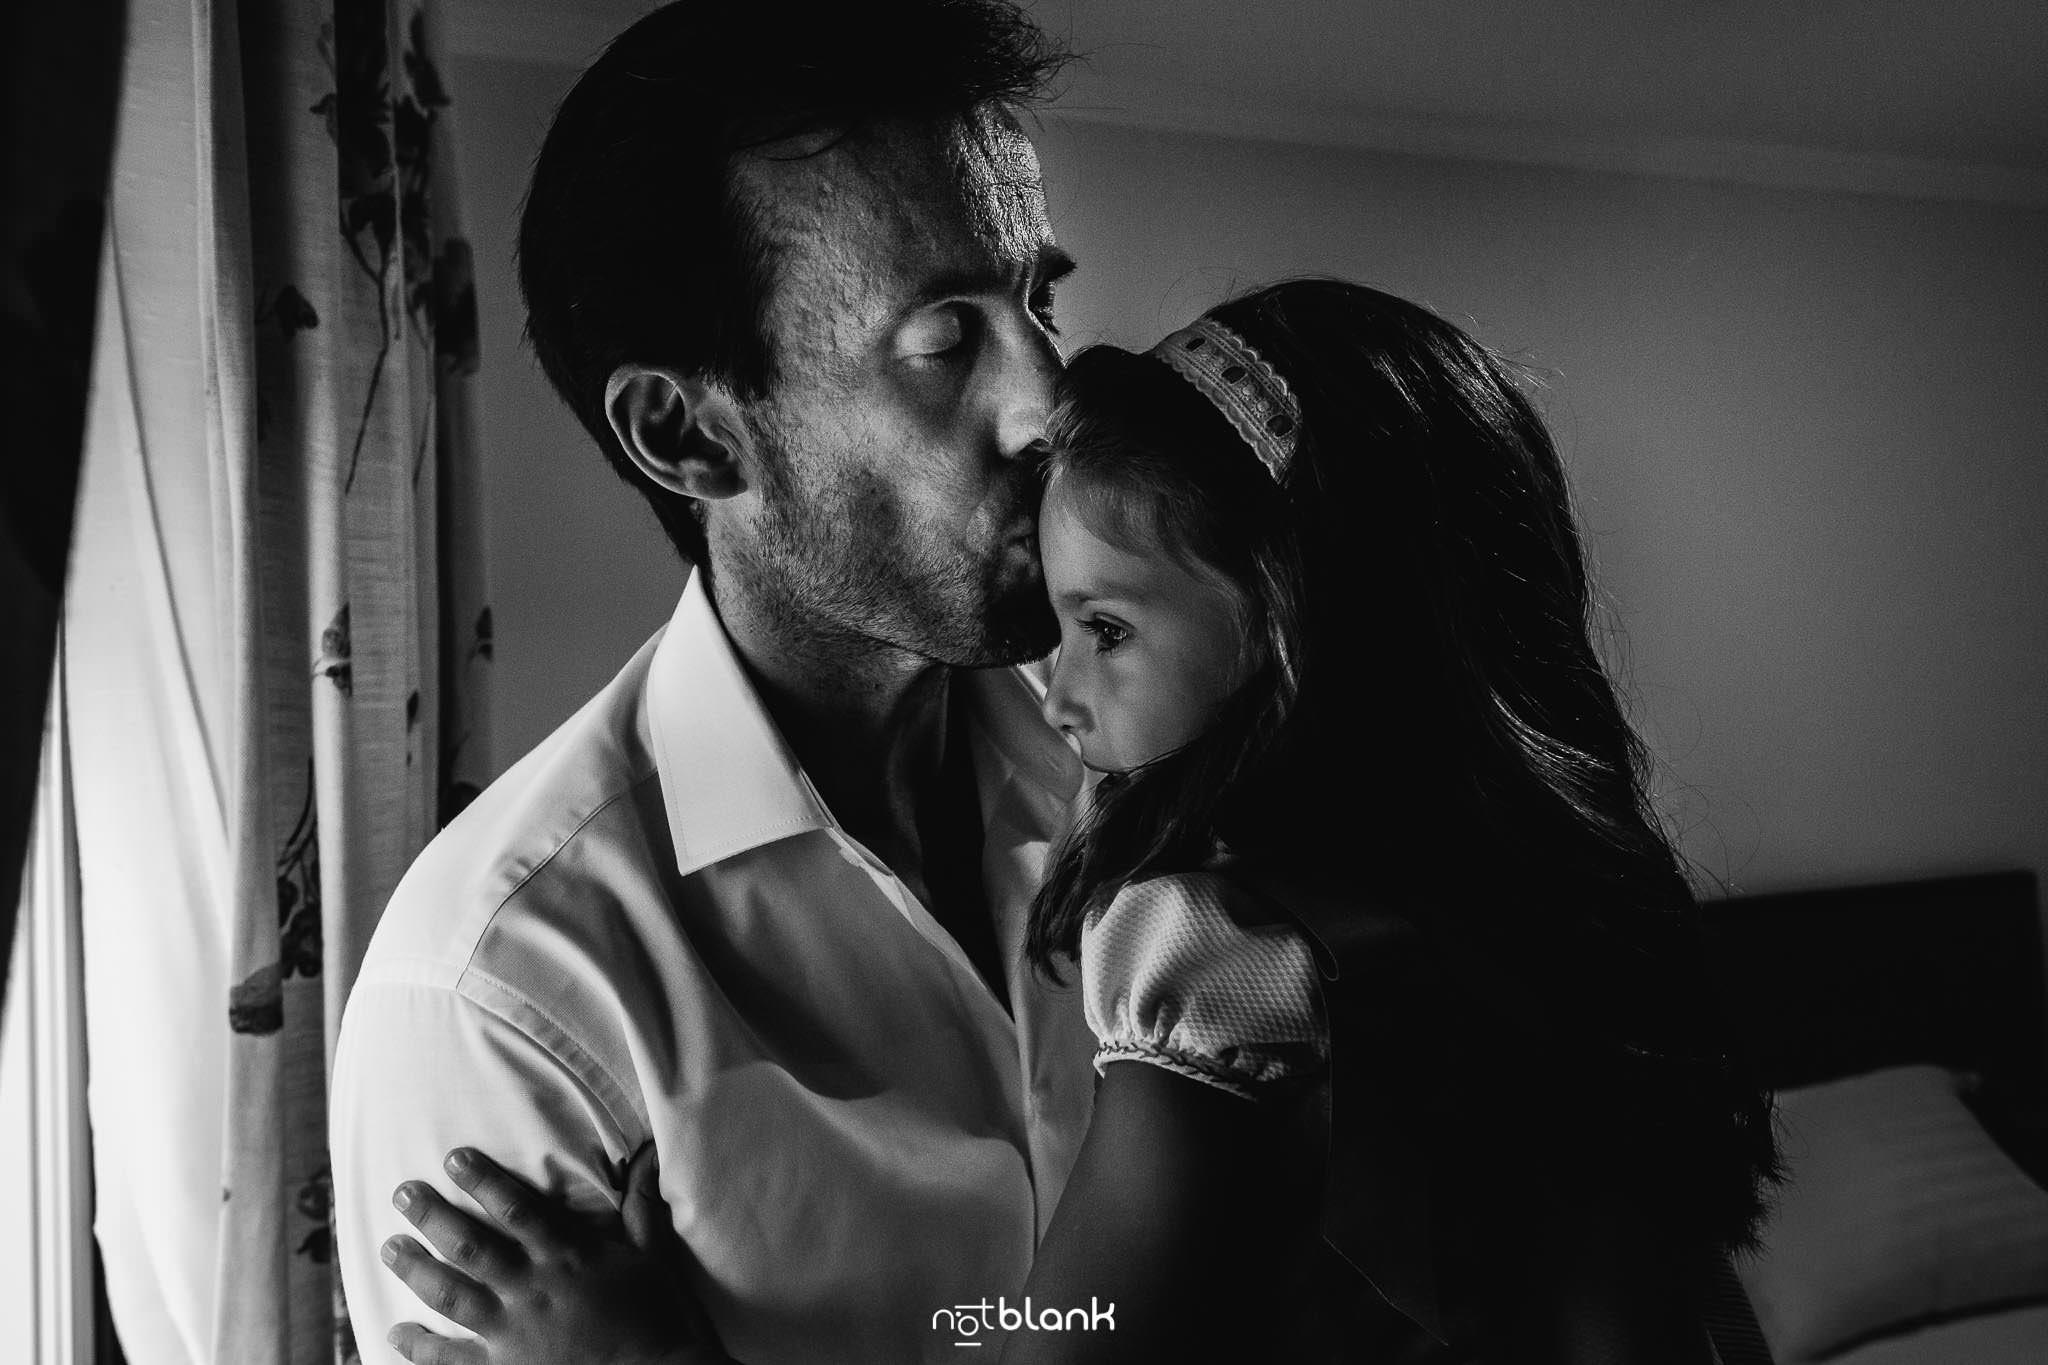 Boda En El Jardin De Casa Jana y Fran - El novio besa en la frente a su hija pequeña durante los preparativos - Notblank Fotografos de boda